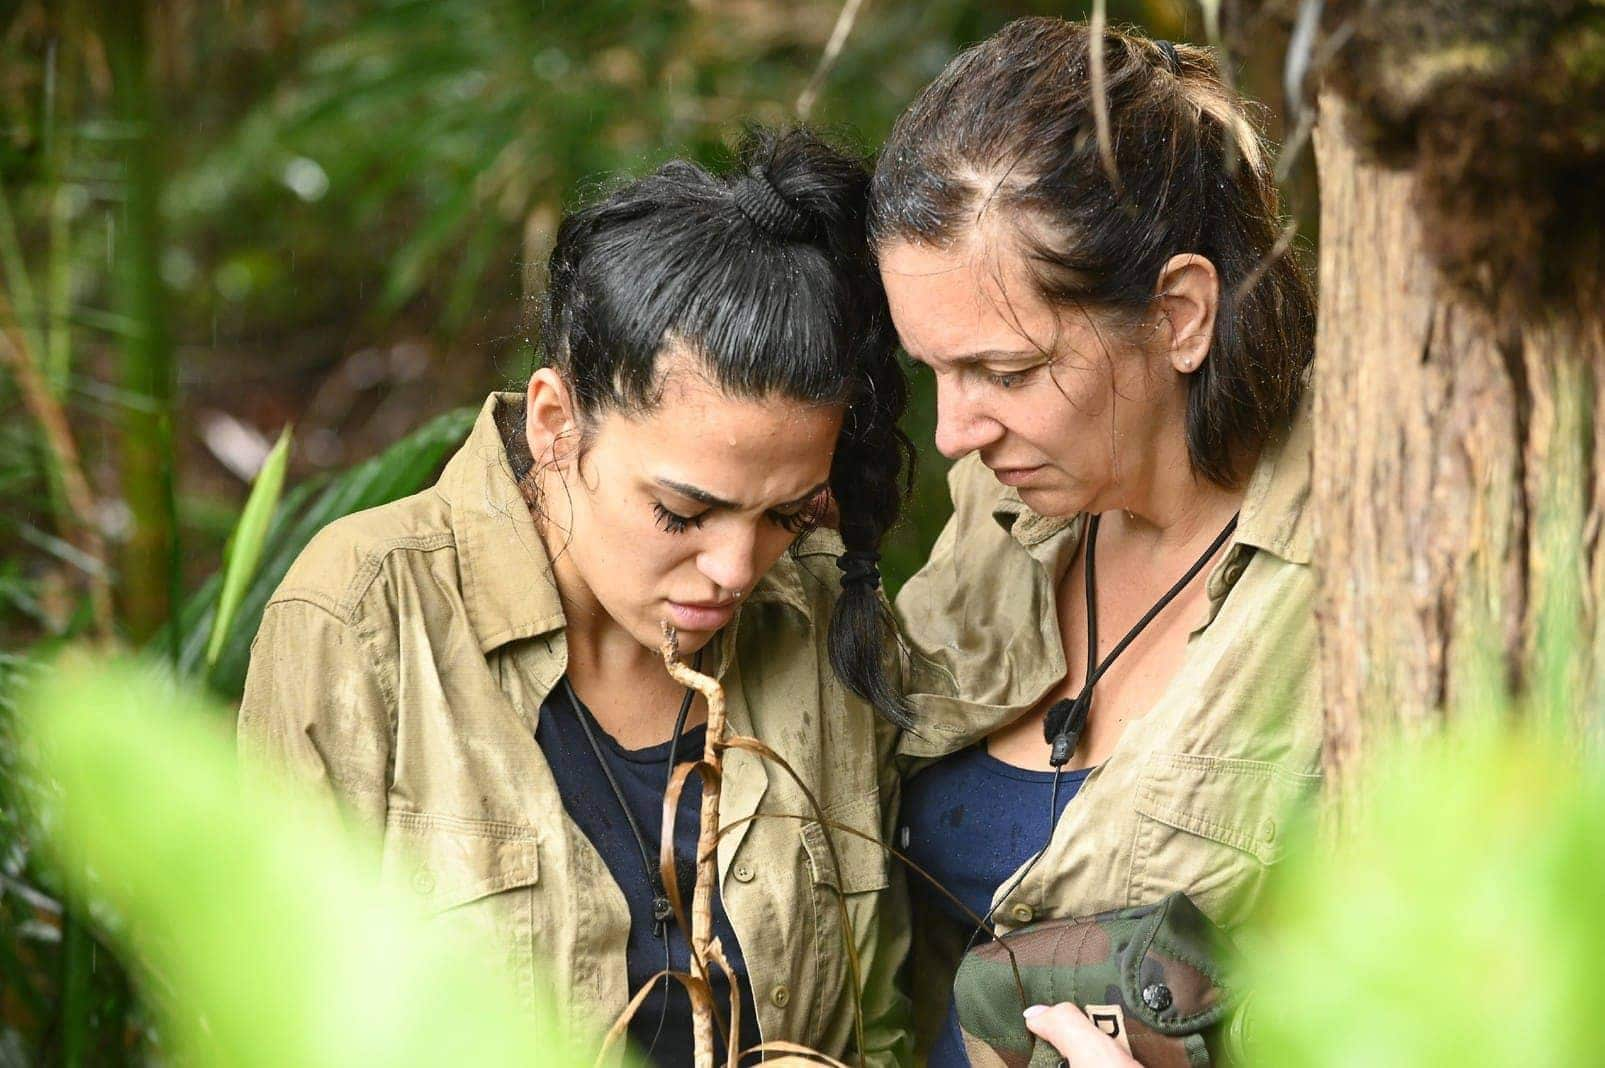 Dschungelcamp 2020 Tag 6 - Dschungelprüfung Verlies Navidad Elena Miras Danni Büchner